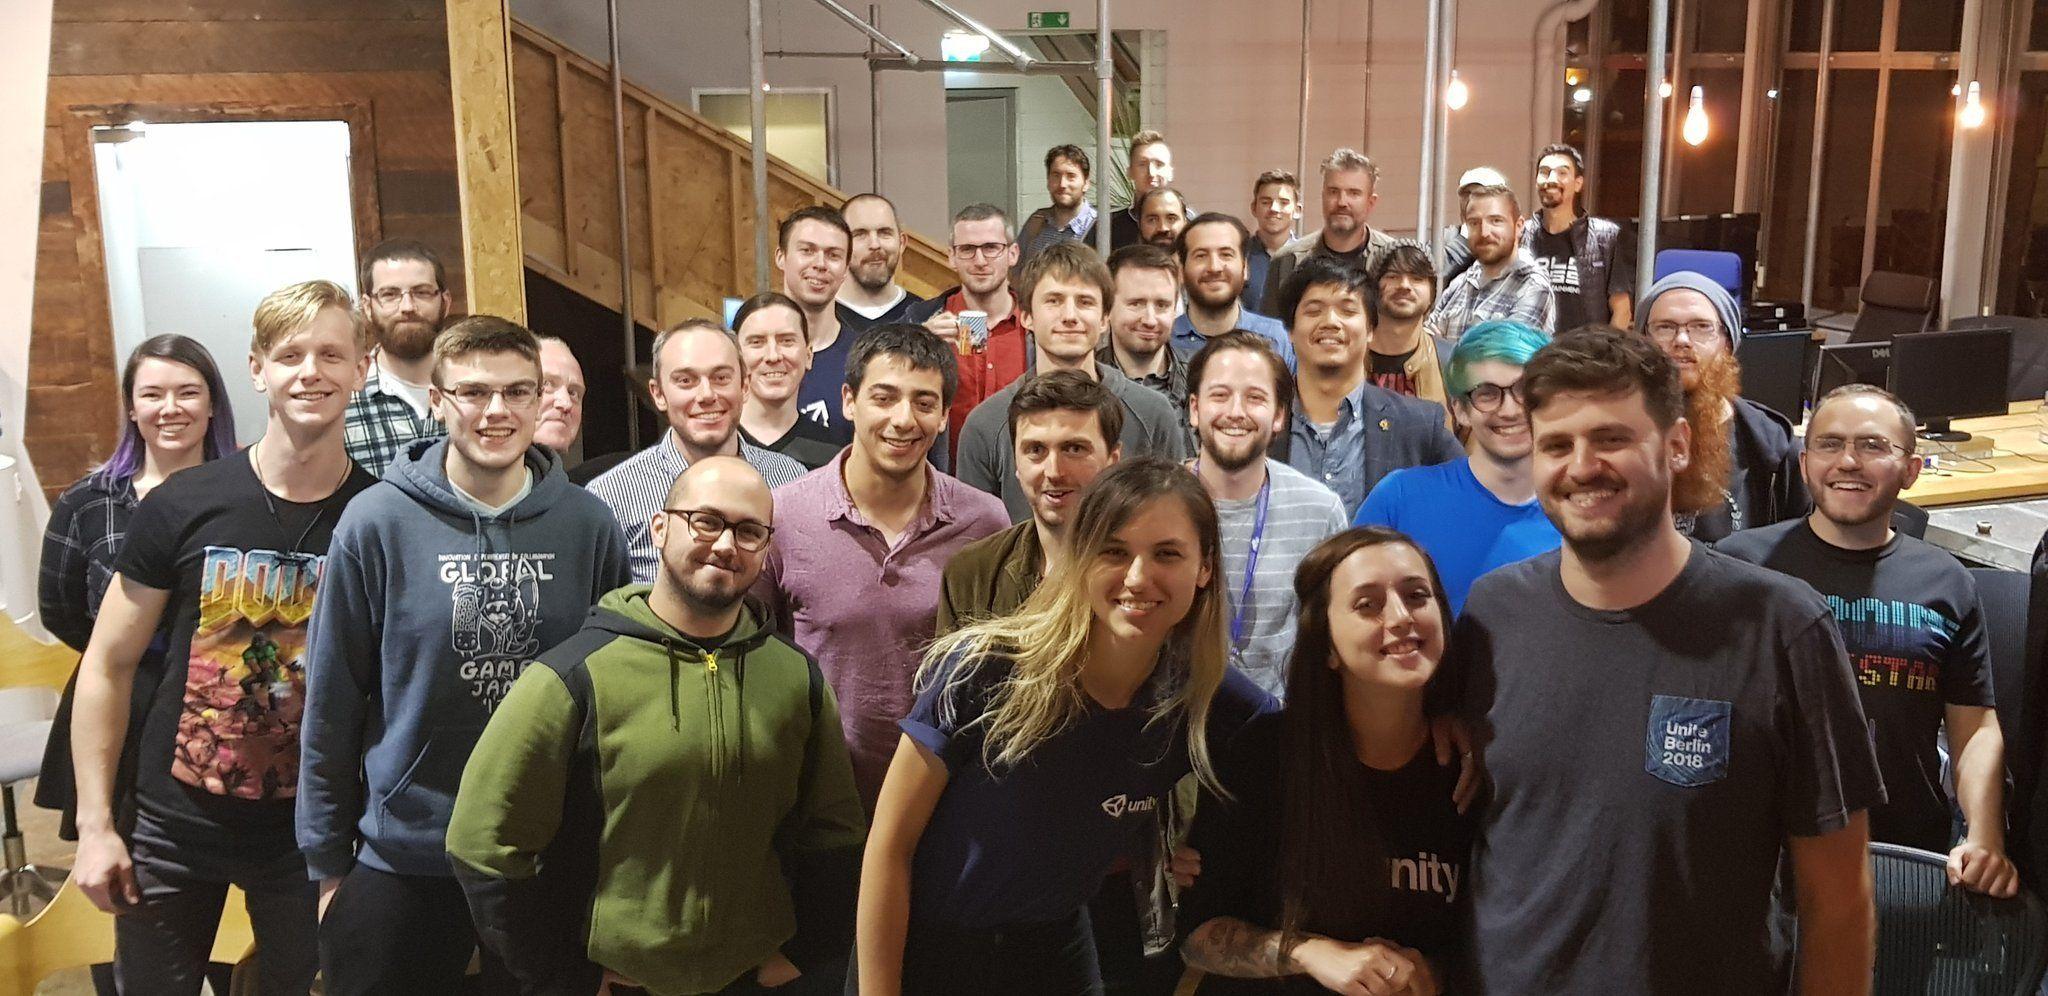 Dublin Unity User Group